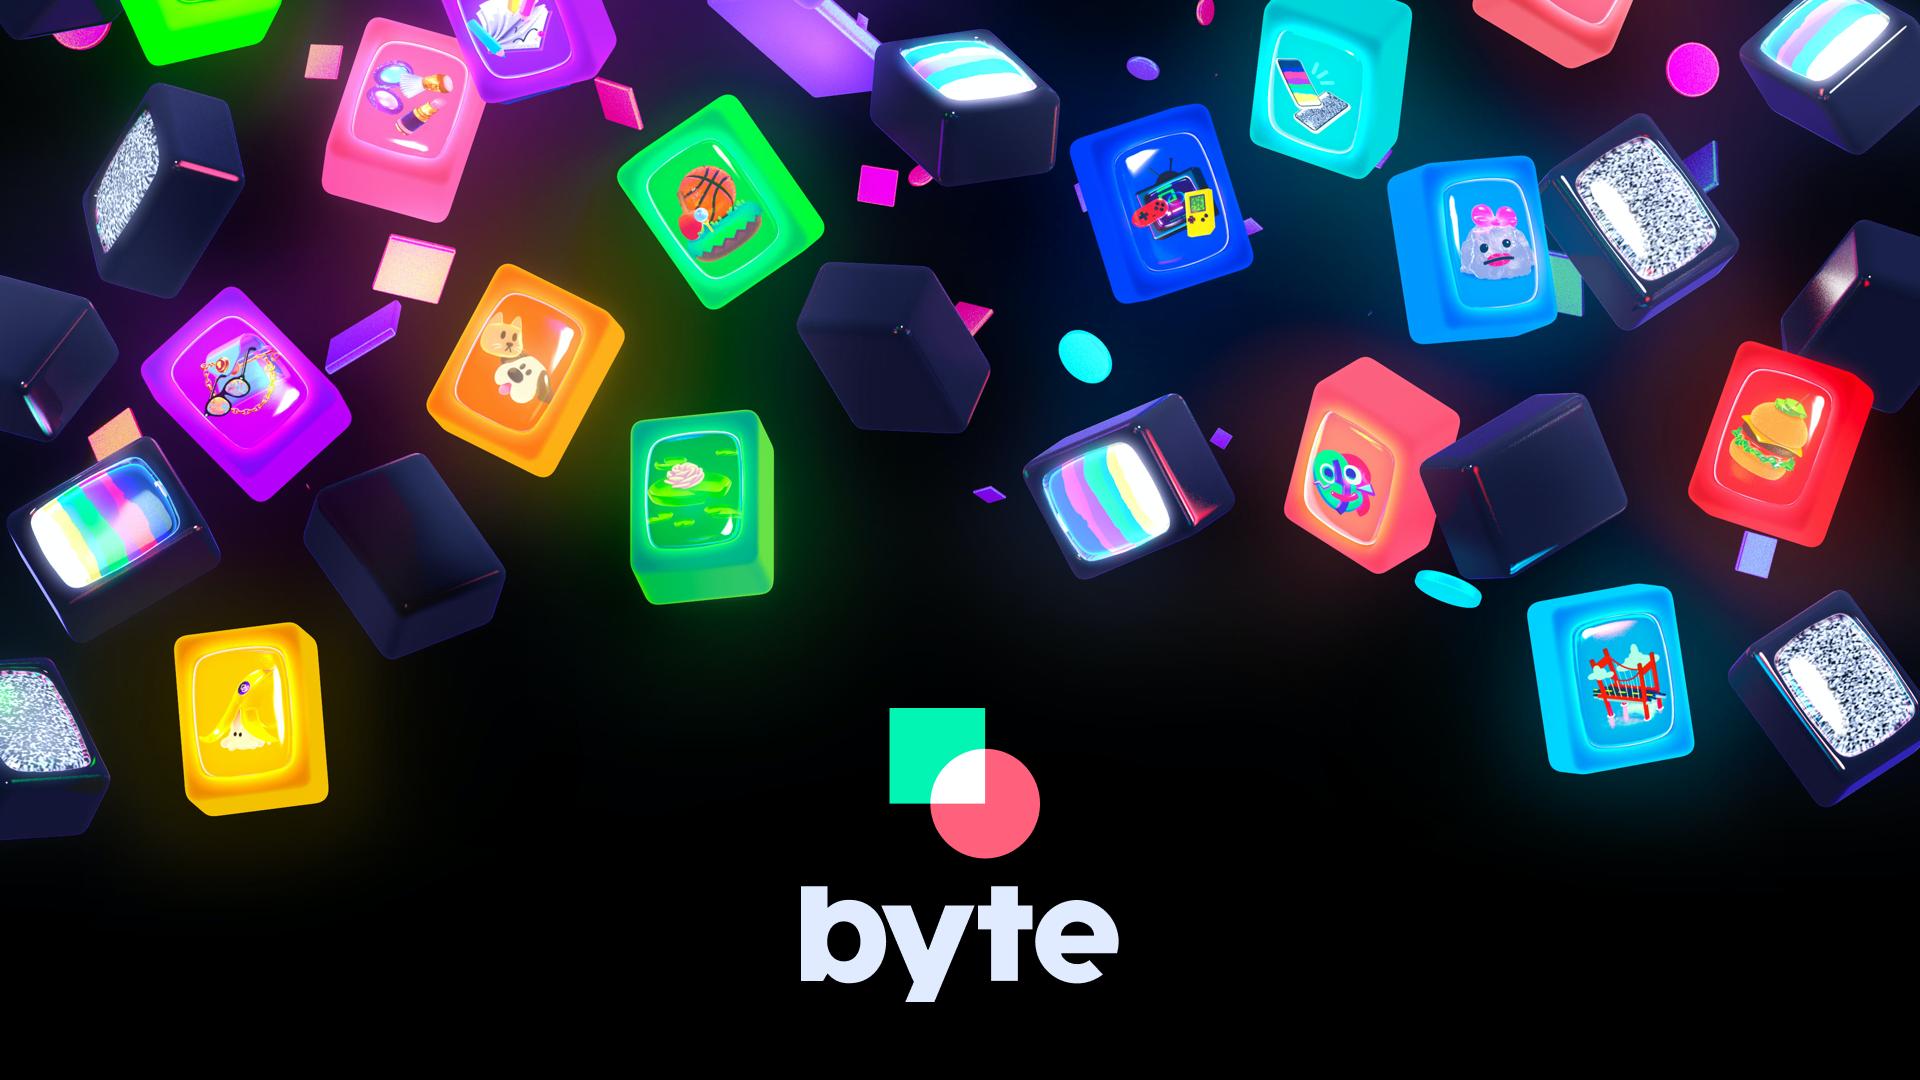 Diversas pecinhas coloridas representando vídeos espalhadas pela tela contra um fundo escuro e o logo do Byte abaixo.